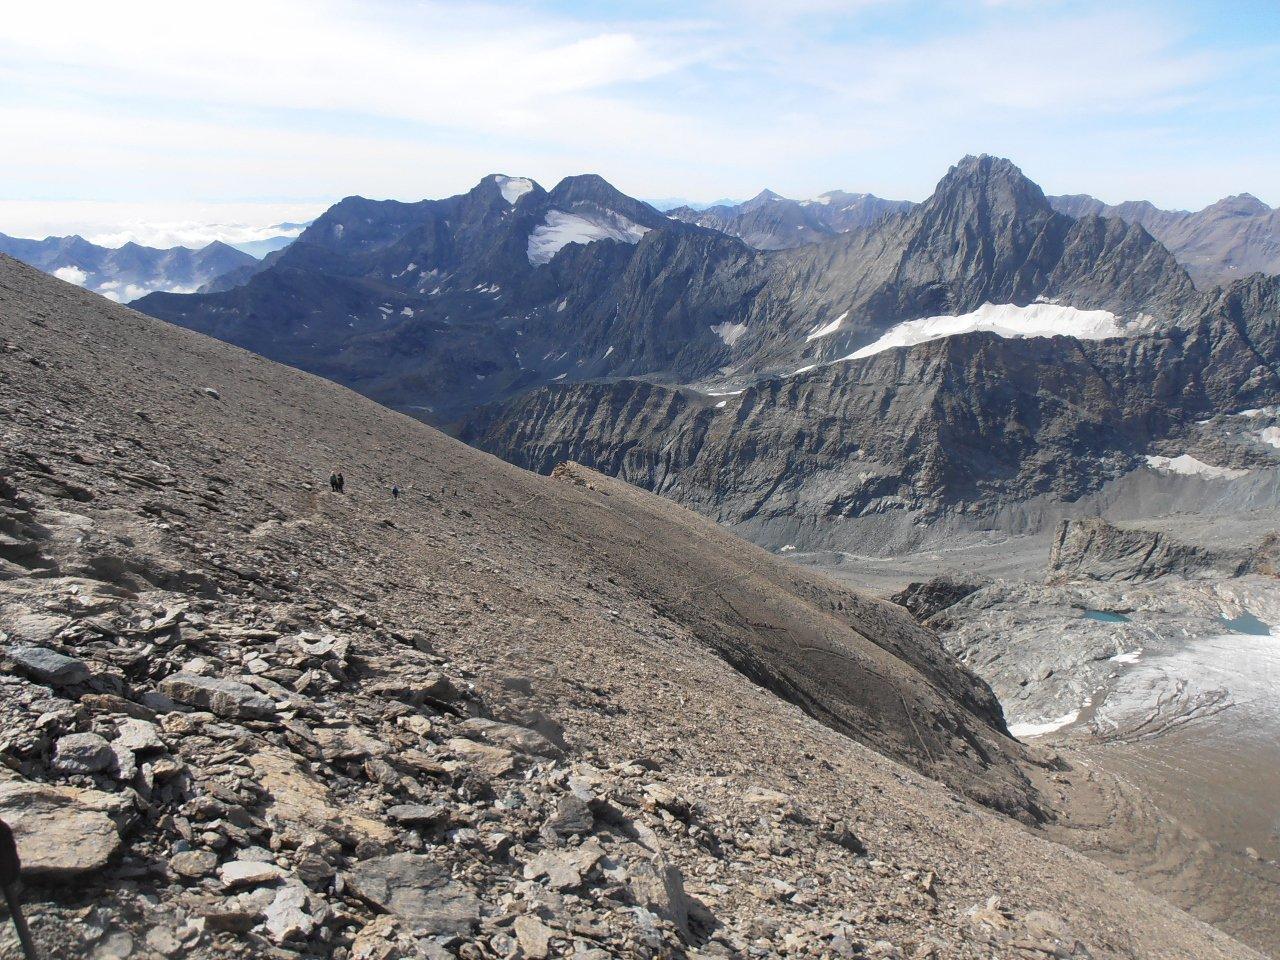 09 - il versante ovest della Ciamarella, la traccia sopra al ghiacciaio